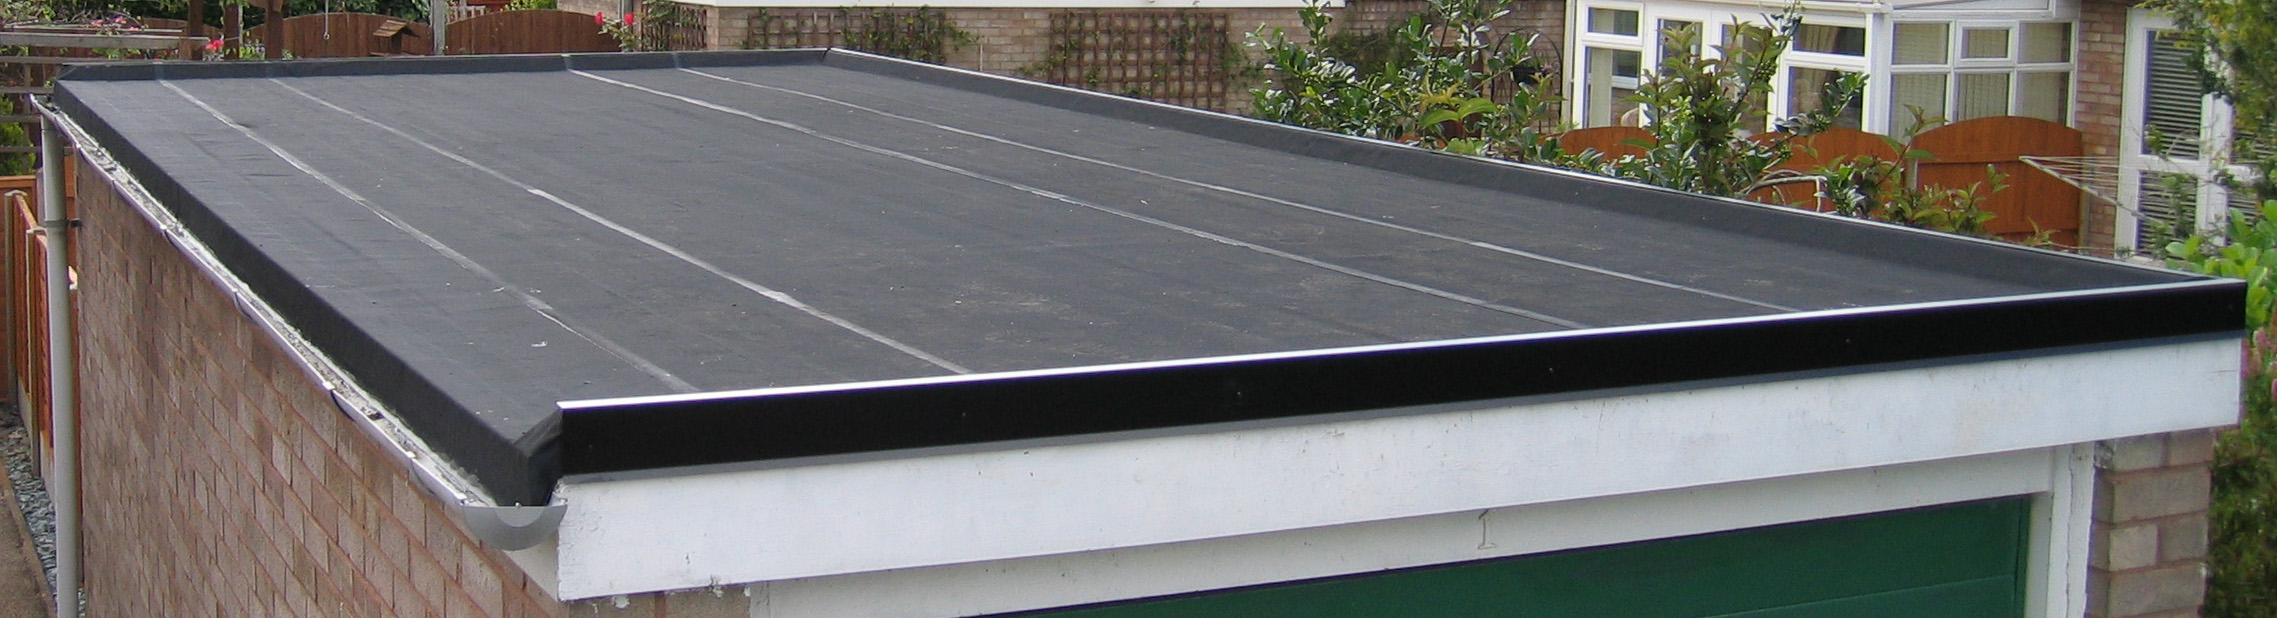 Marvelous Hertalan Rubber Roof Membrane